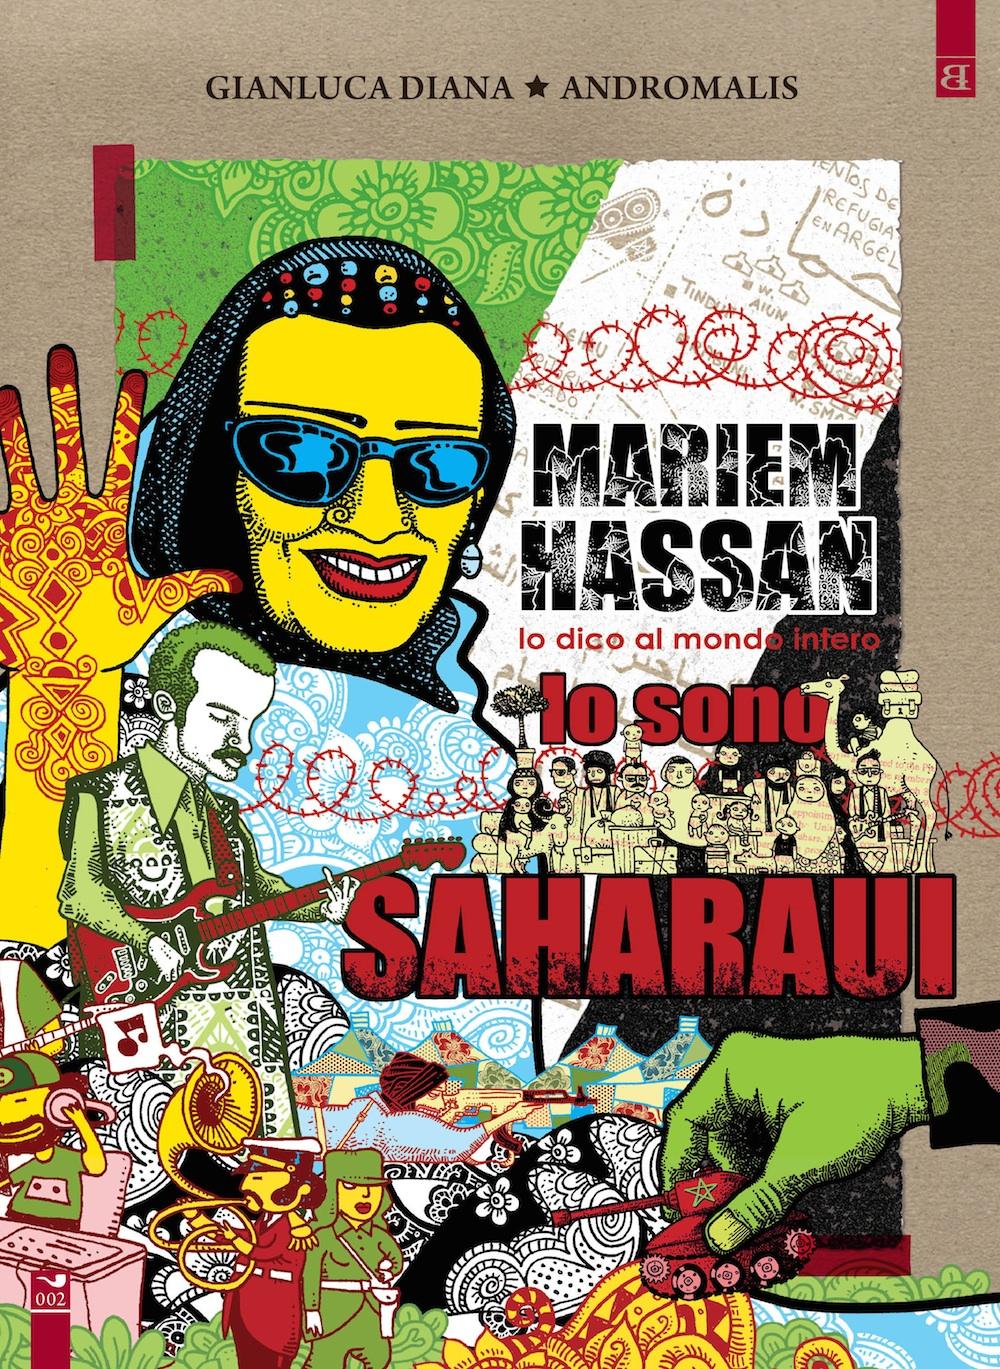 Mariem Hassan, lo dico al mondo intero